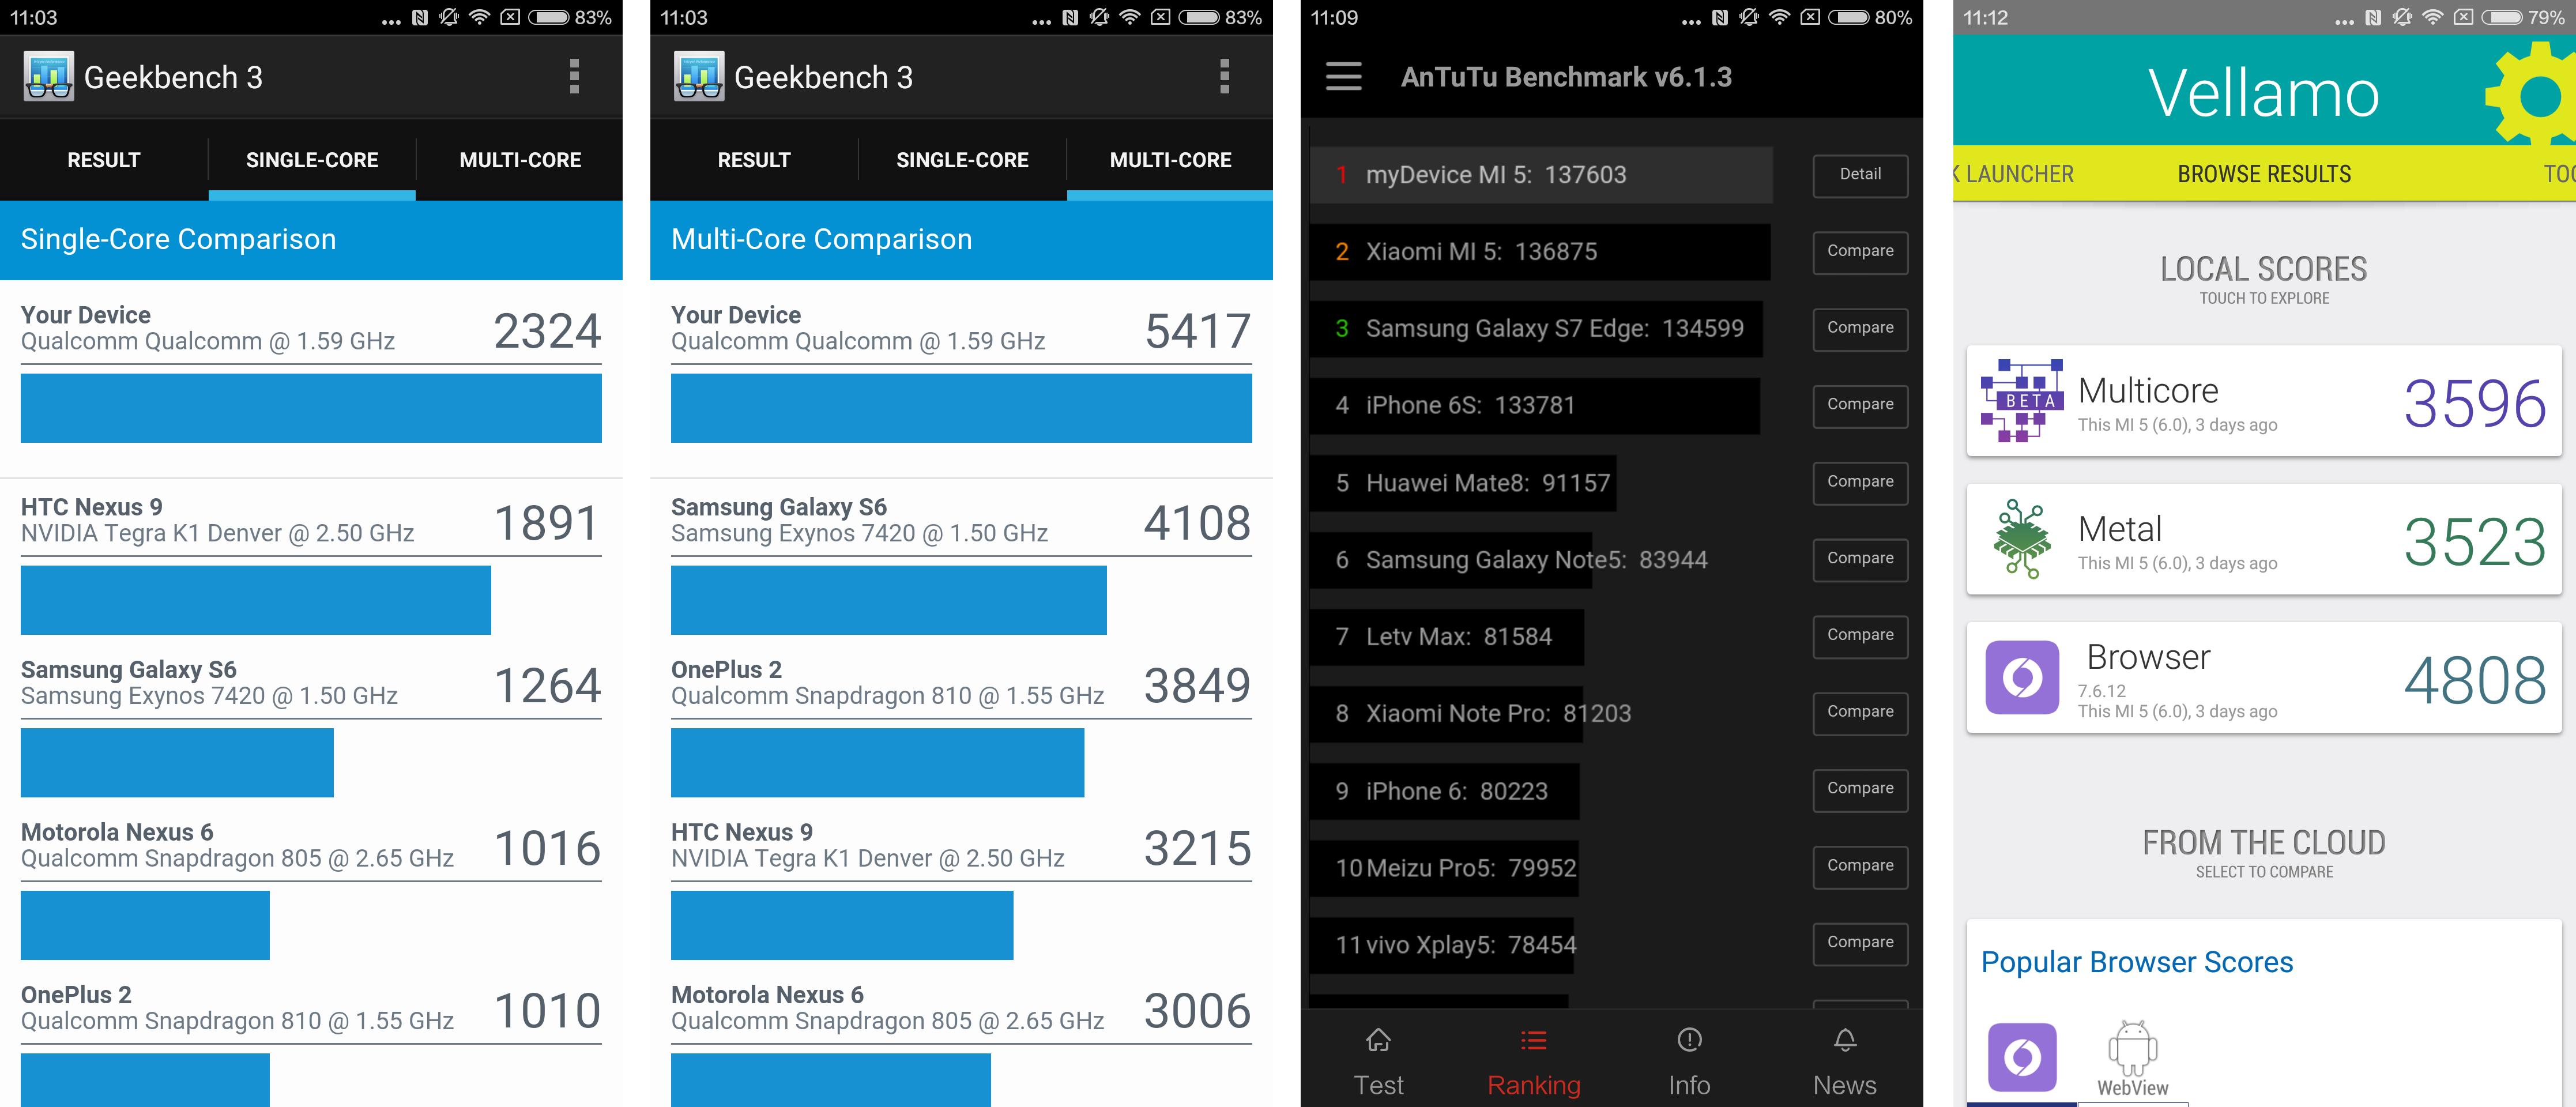 Benchmark Ergebnisse von Vellamo Geekbench und Antutu beim Mi 5